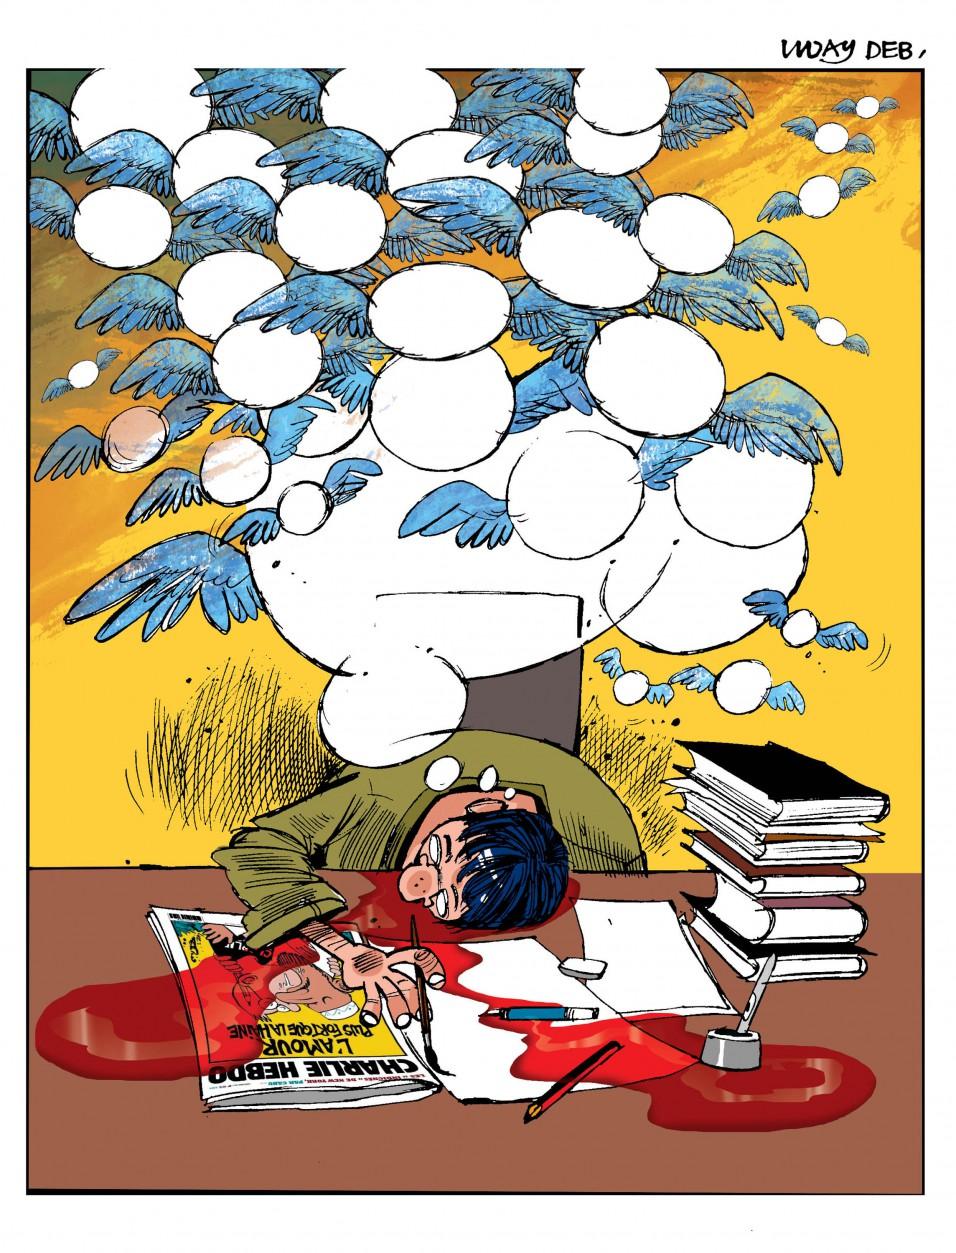 09Cartoon_udyadeb